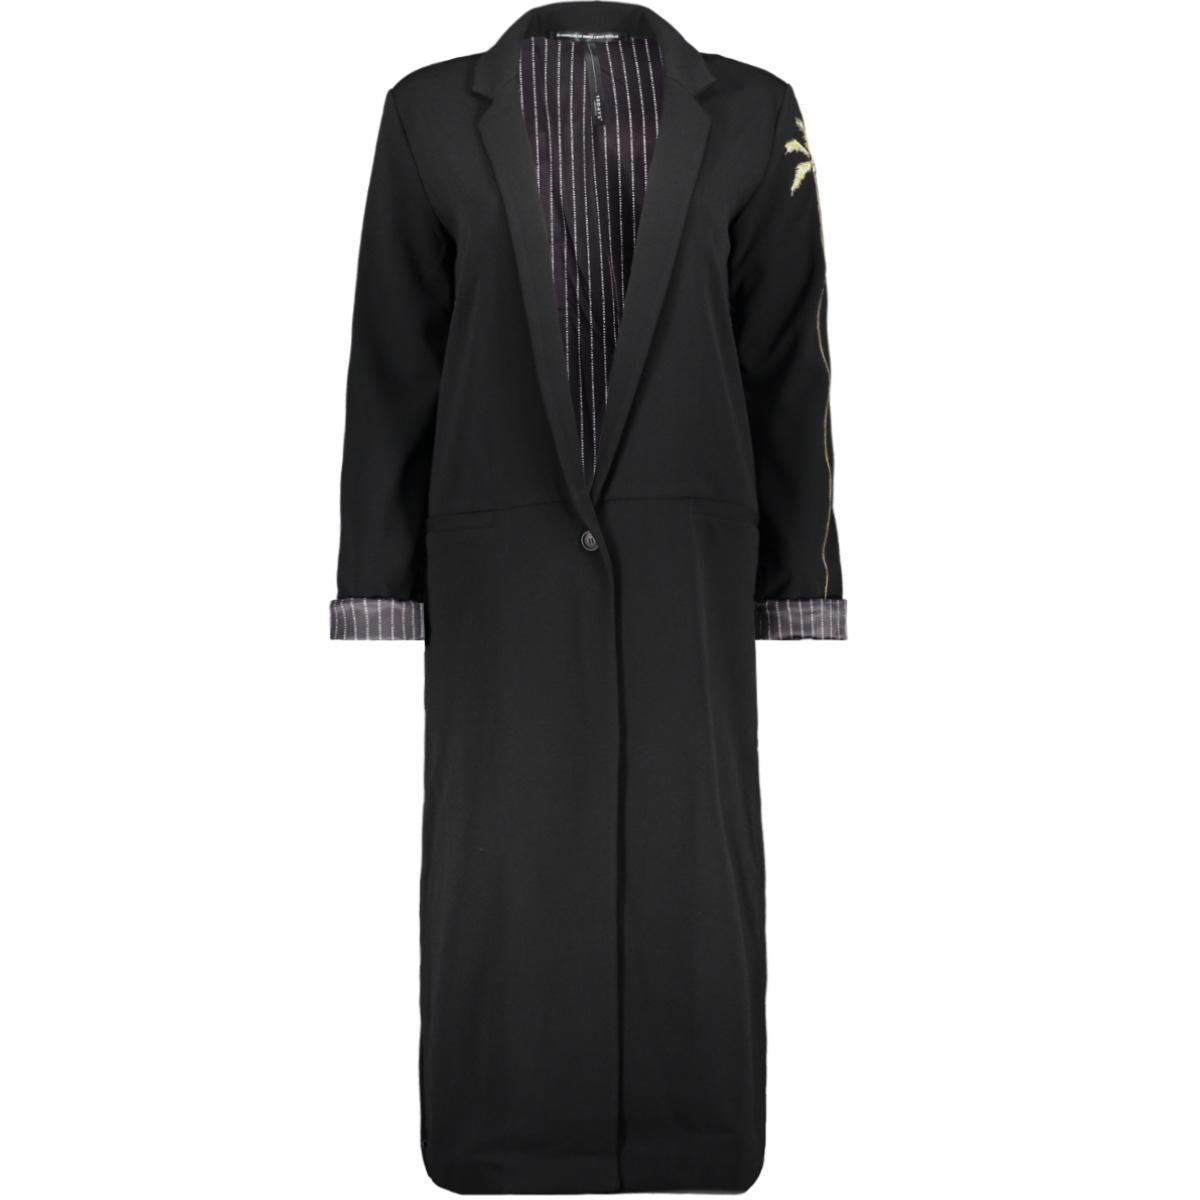 long blazer 20 501 9103 10 days blazer black